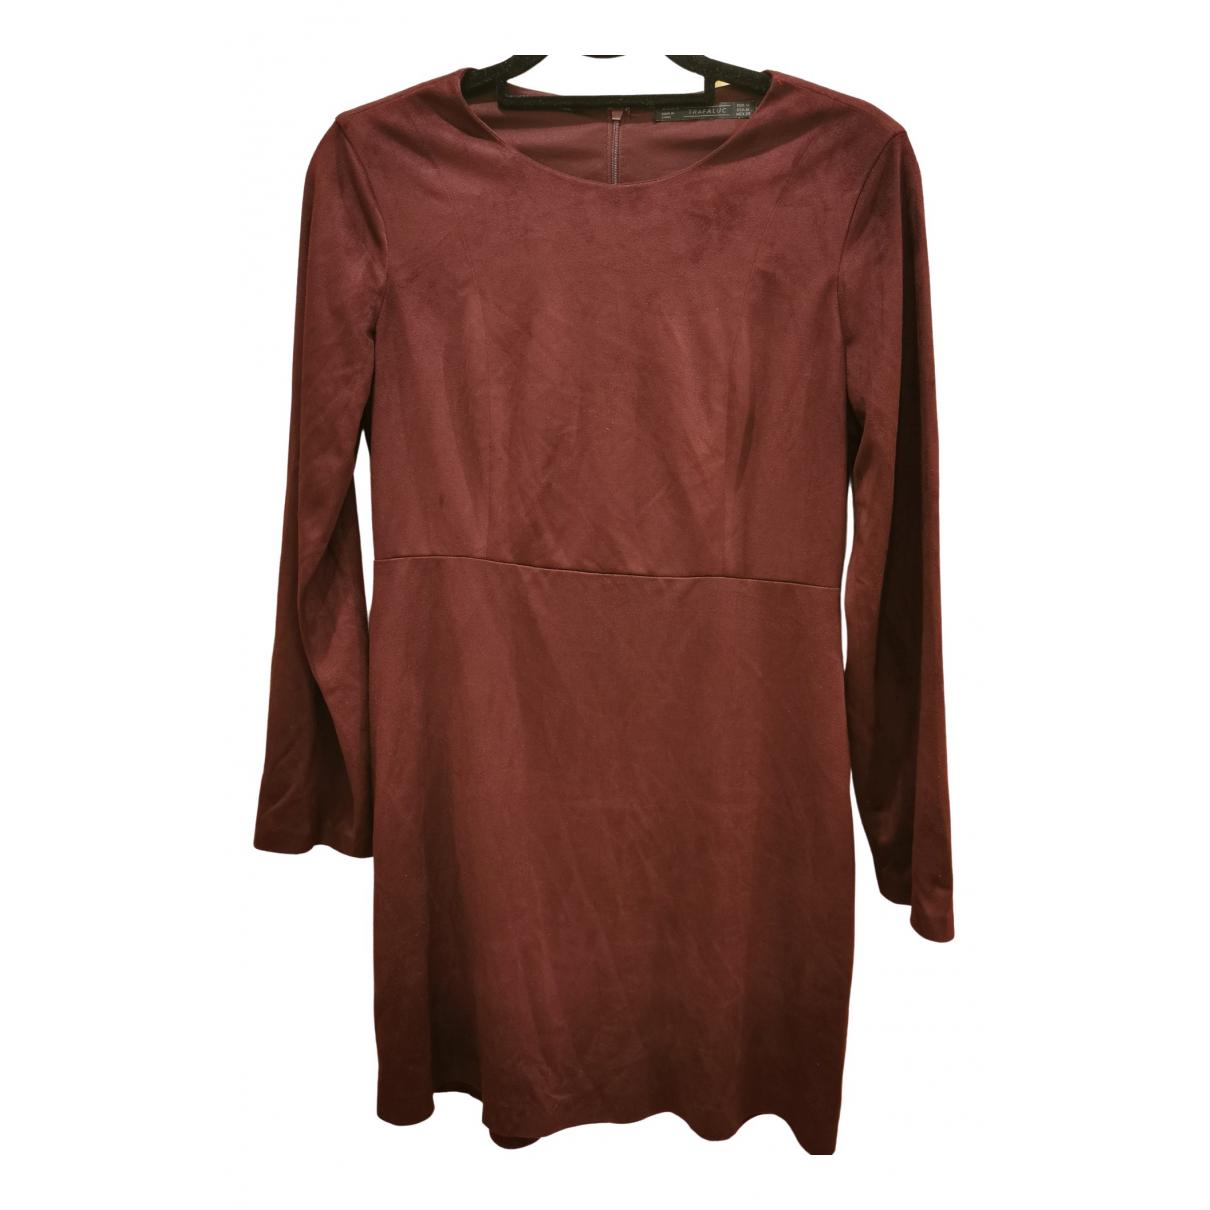 Zara \N Kleid in  Bordeauxrot Kalbsleder in Pony-Optik